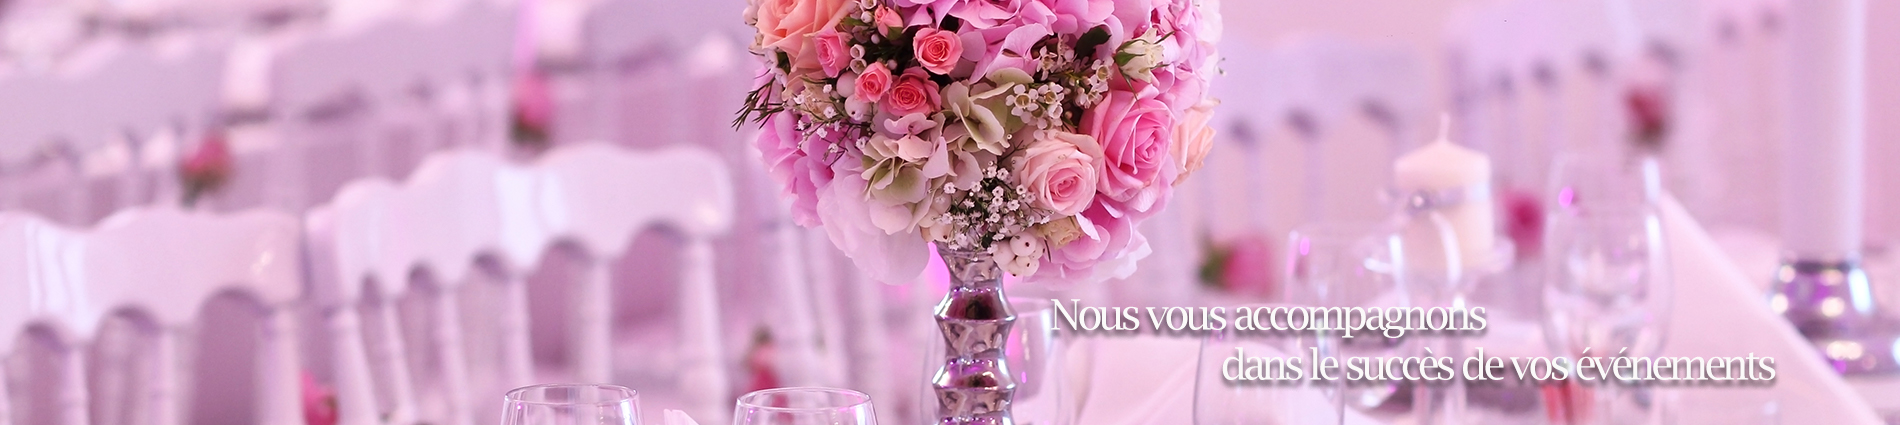 banner bouquet sur table